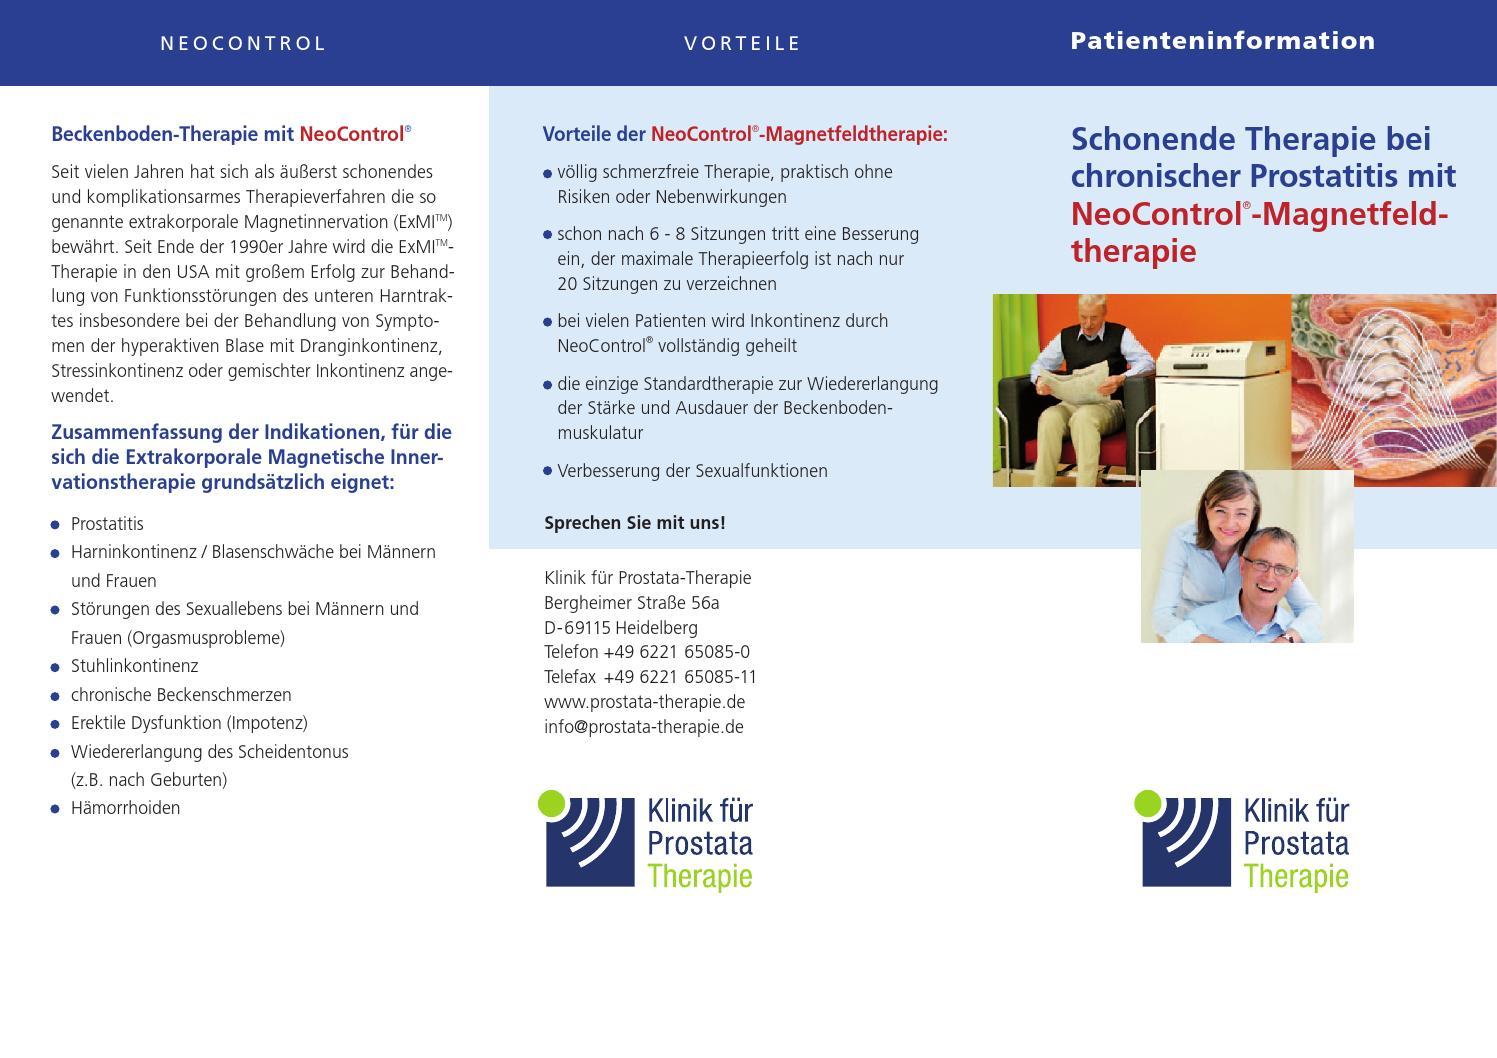 Wichtige Informationen für den Patienten